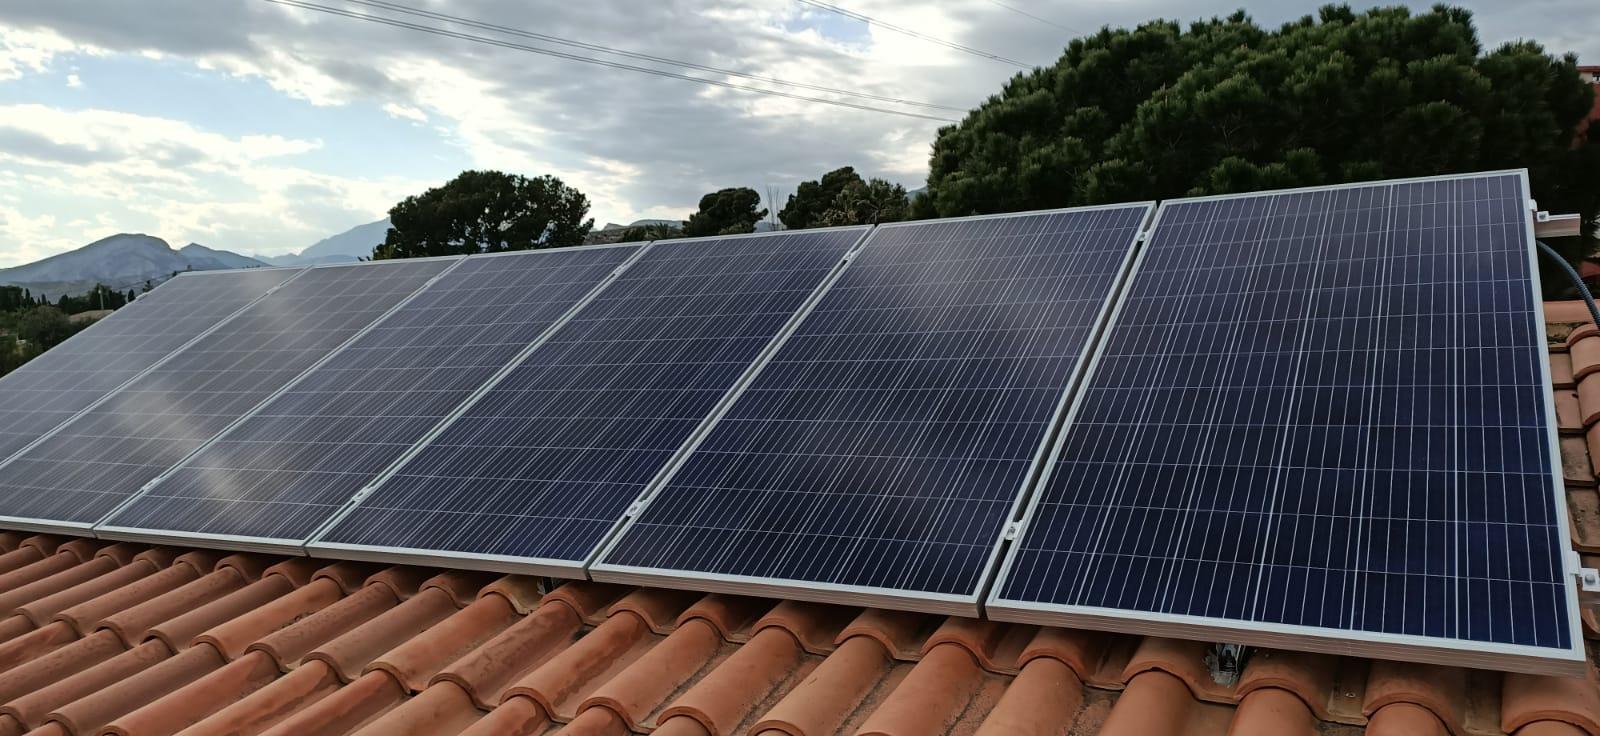 placas solares fotovoltaicas autoconsumo